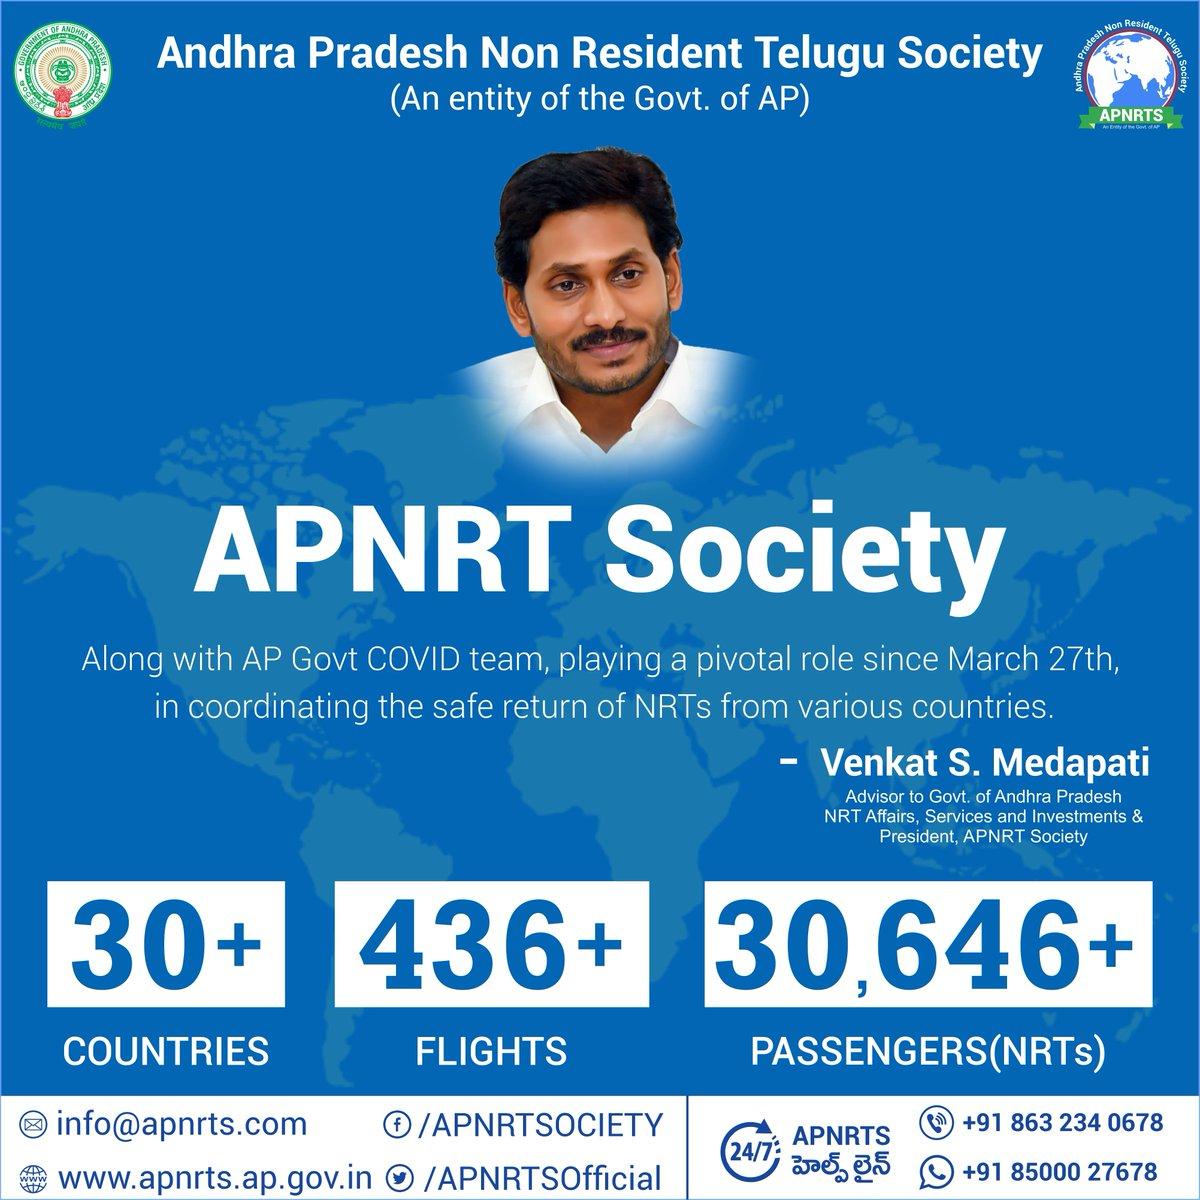 వందే భారత్ మిషన్ మరియు చార్టర్ ఫ్లైట్స్ ద్వారా ఈరోజు వరకు (మంగళవారం) 436 విమానాల ద్వారా దాదాపు 30,646 మంది ప్రవాసాంధ్రులు ఆంధ్రప్రదేశ్ చేరుకున్నారు. #APNRTS #VandeBharathMission #HelpingHand #Covid19 #APGovt #CharteredFlights #Airports #ReturntoAP #APFightsCorona #APCM #YSJagan https://t.co/tL0uHxa6TI